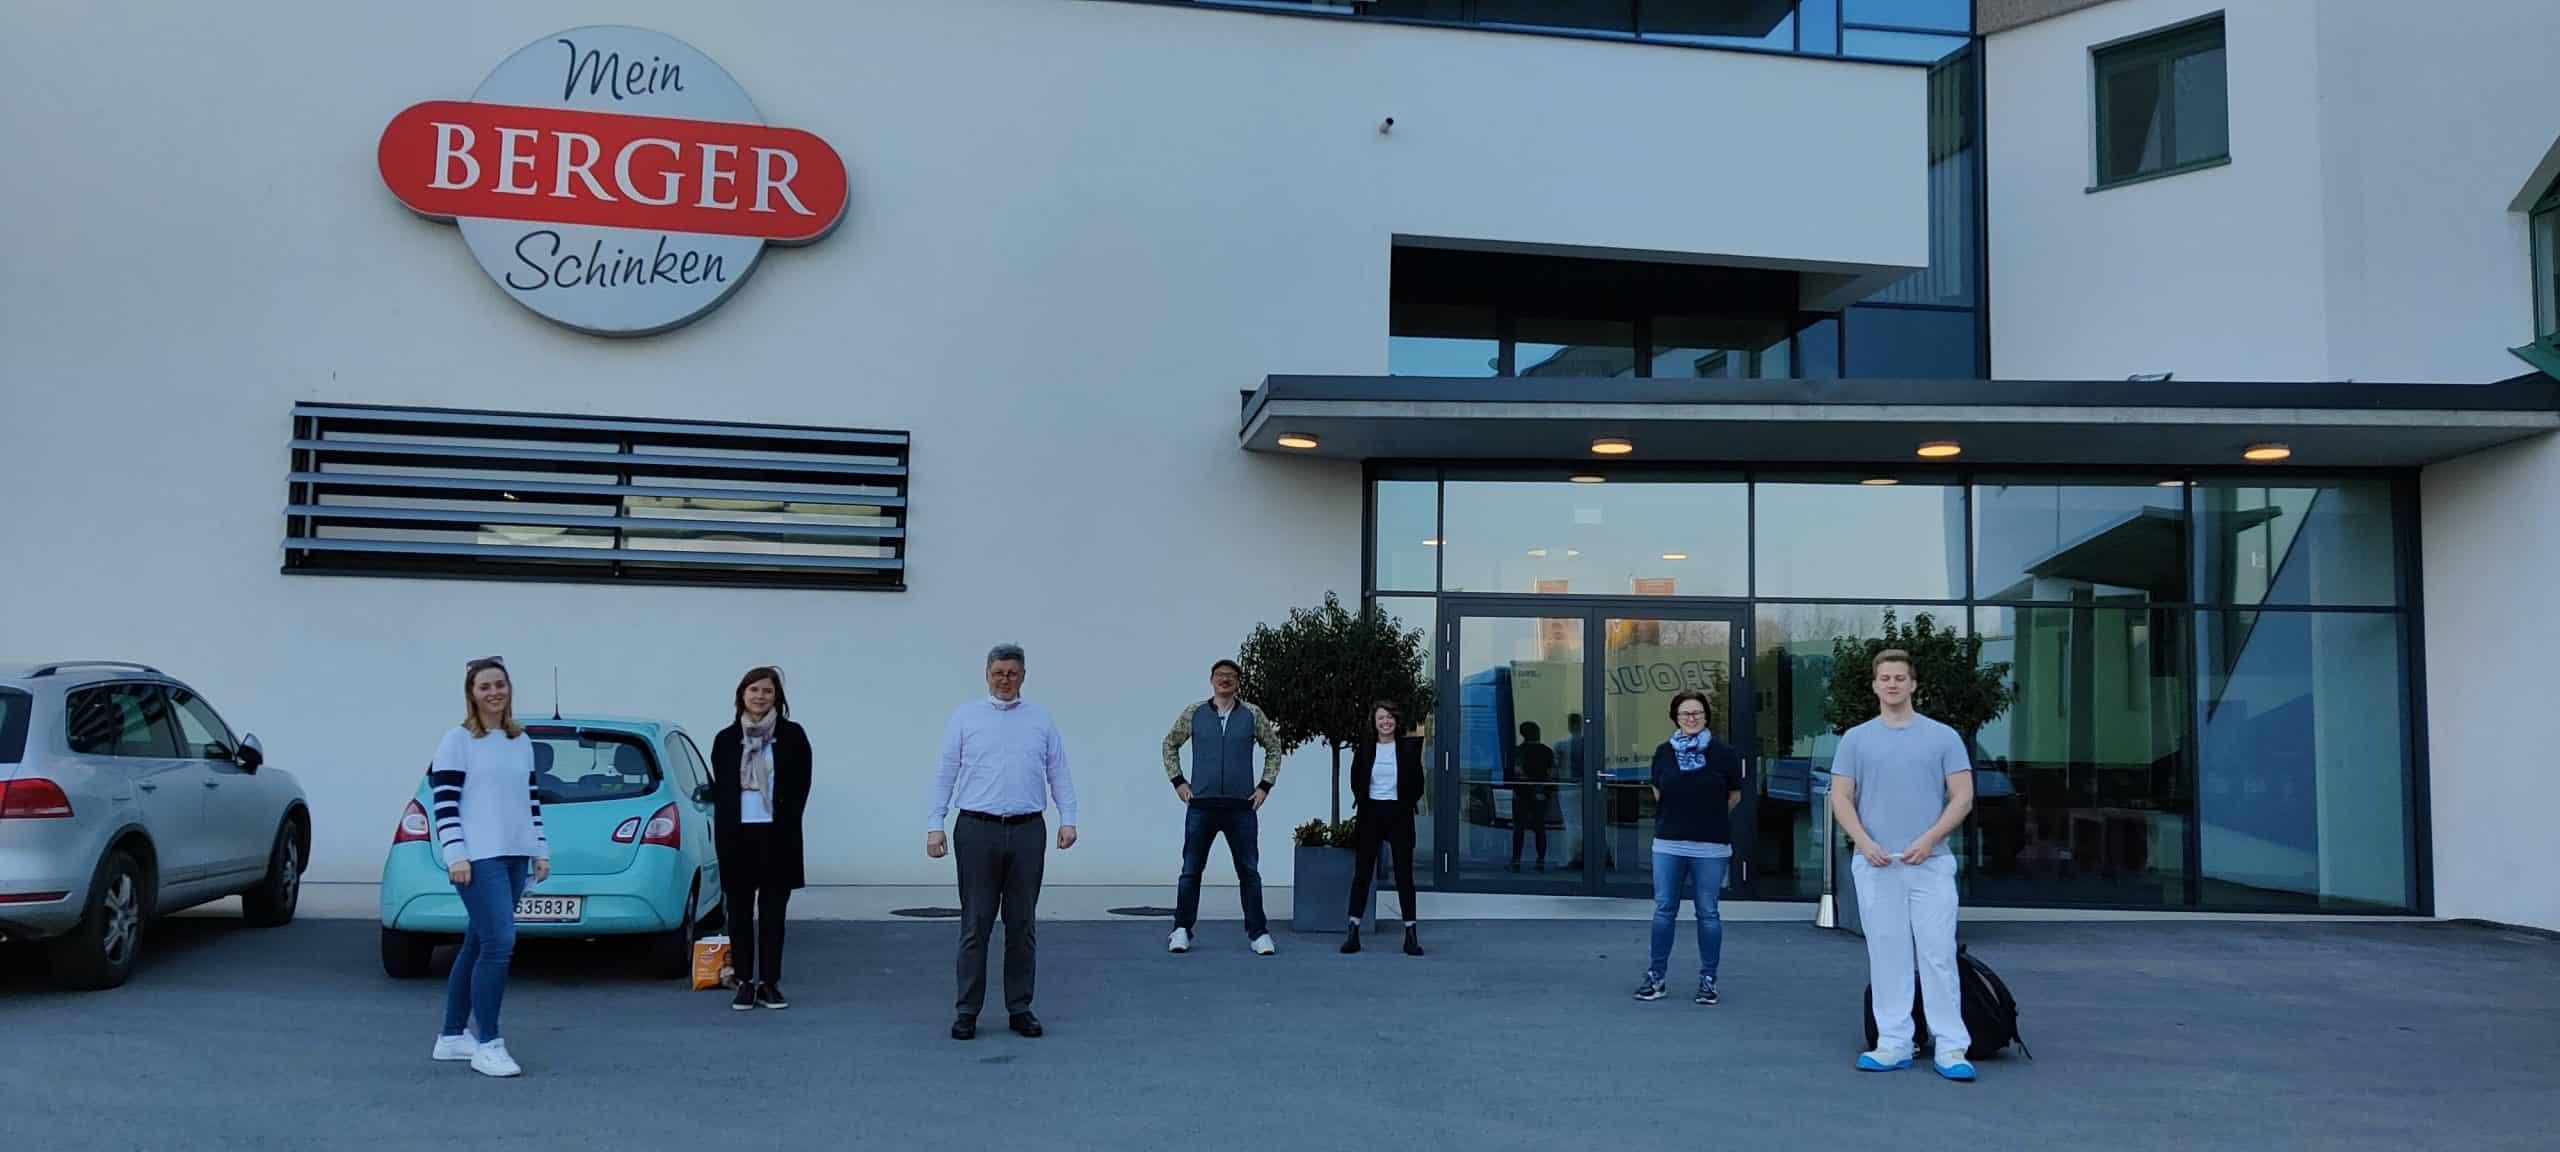 Foto mit Familie Berger von dem Firmengebäude von Berger Schinken